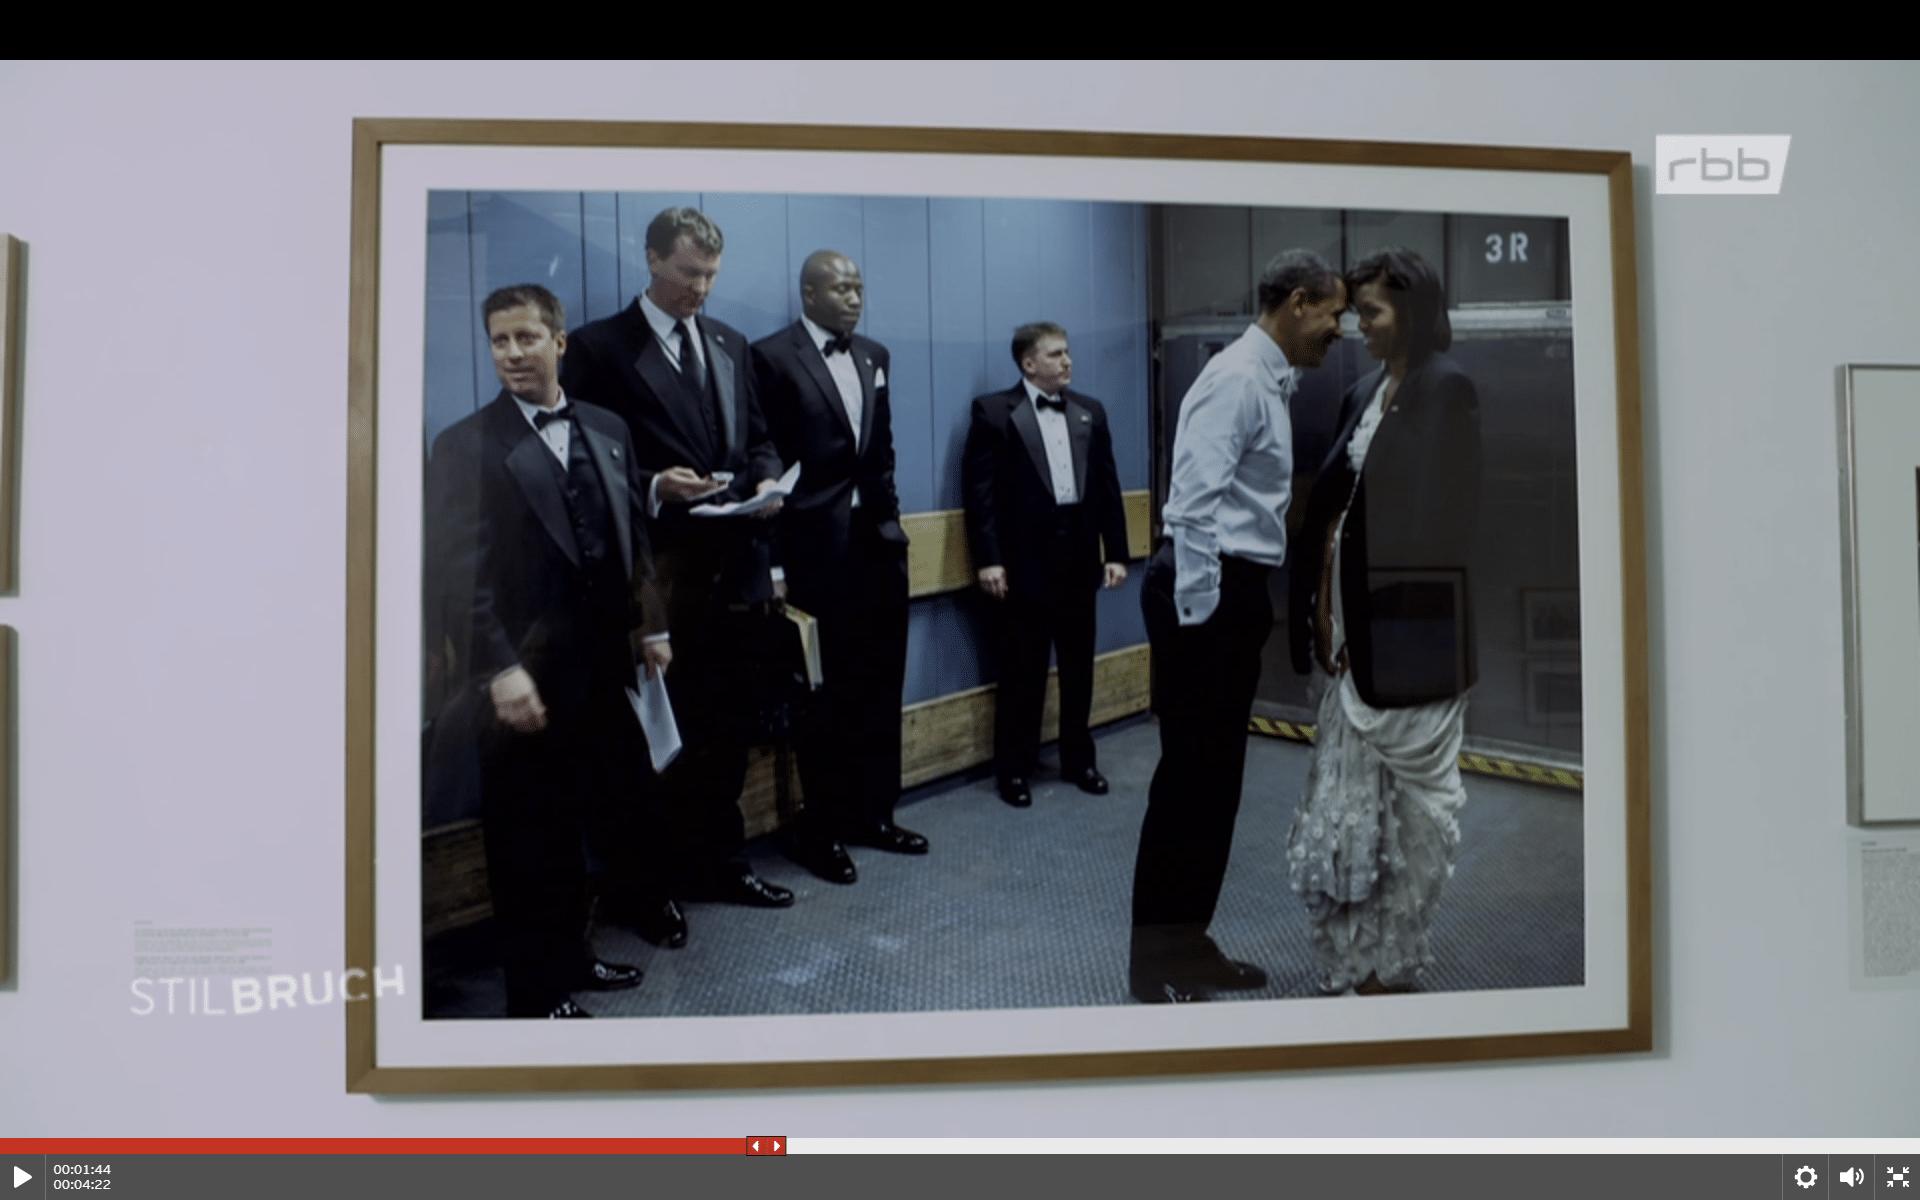 Mediathek-Tipps zum Thema Fotografie: Im Gespräch mit Obamas Chef-Fotografen